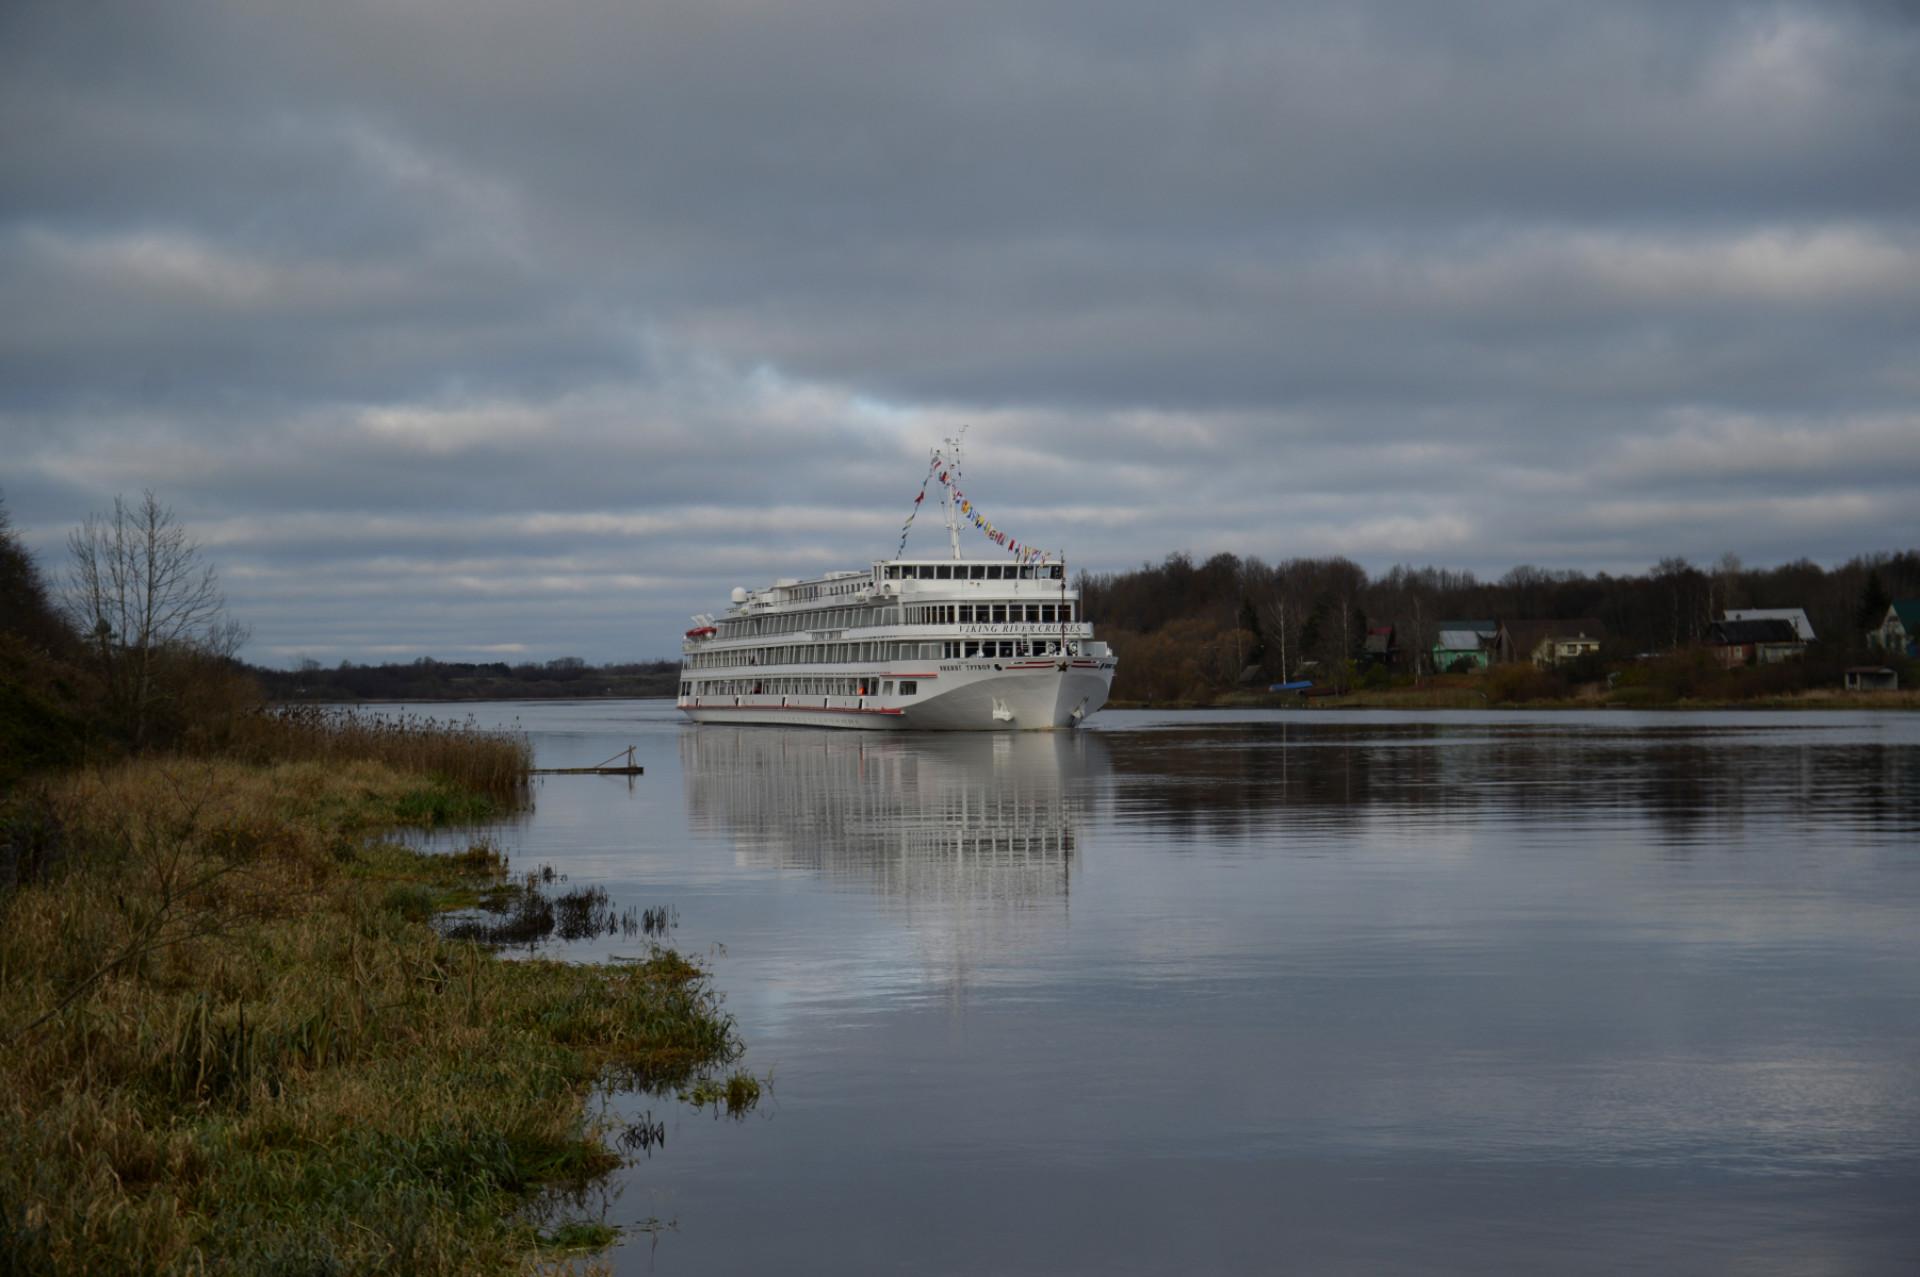 А первой туристической ласточкой, прилетевшей сюда, стал большой теплоход «Викинг Трувор» с 210 пассажирами на борту